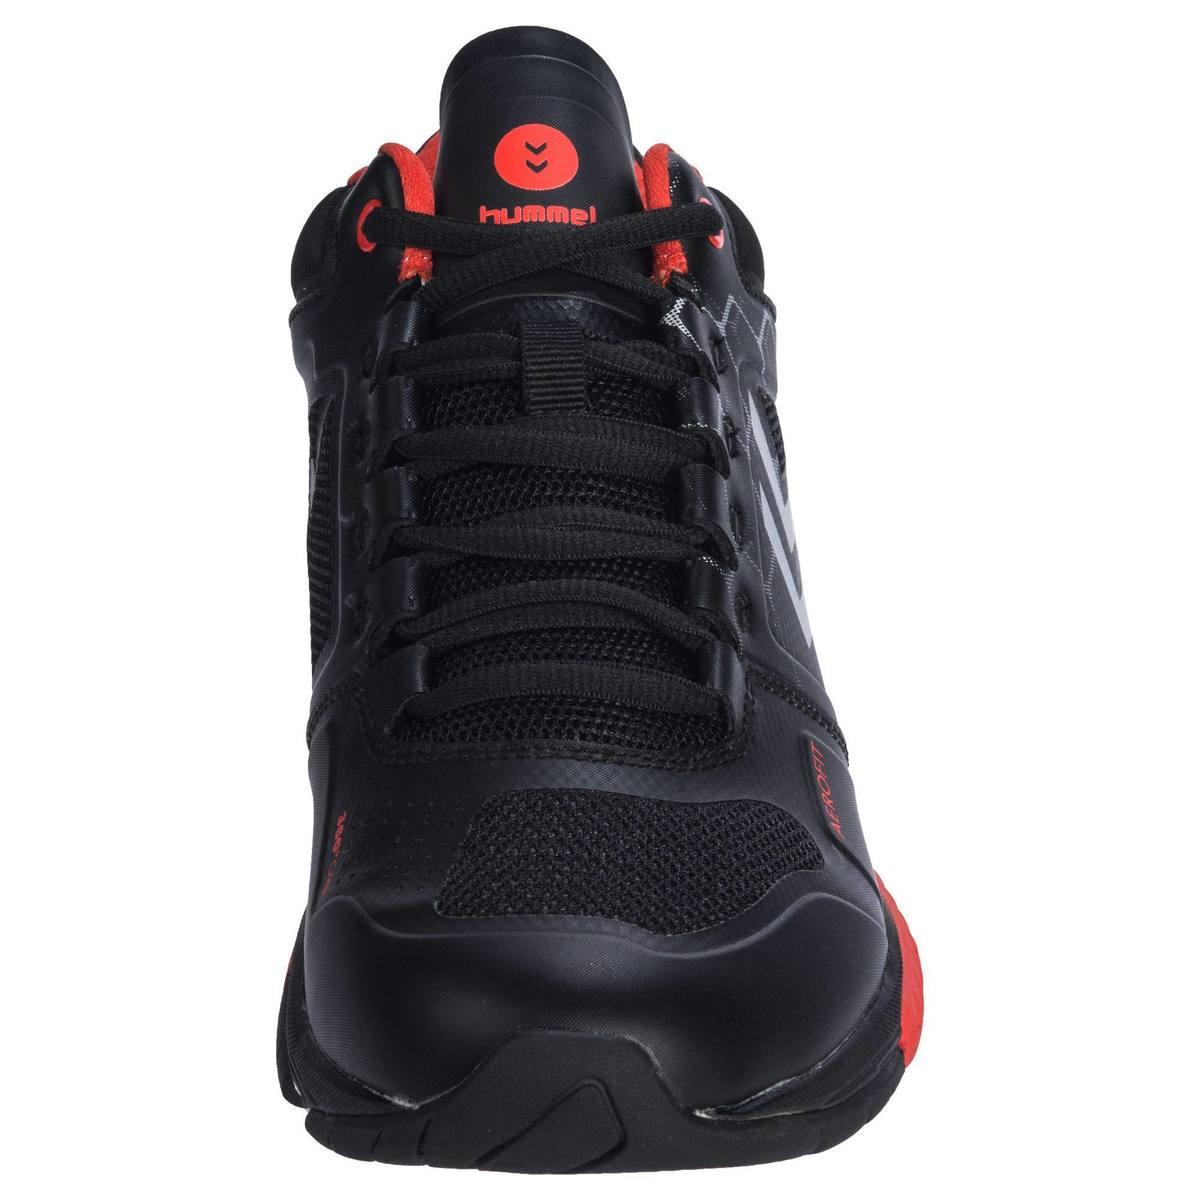 Bild 4 von Handballschuhe HB220 Aerocharge Erwachsene schwarz